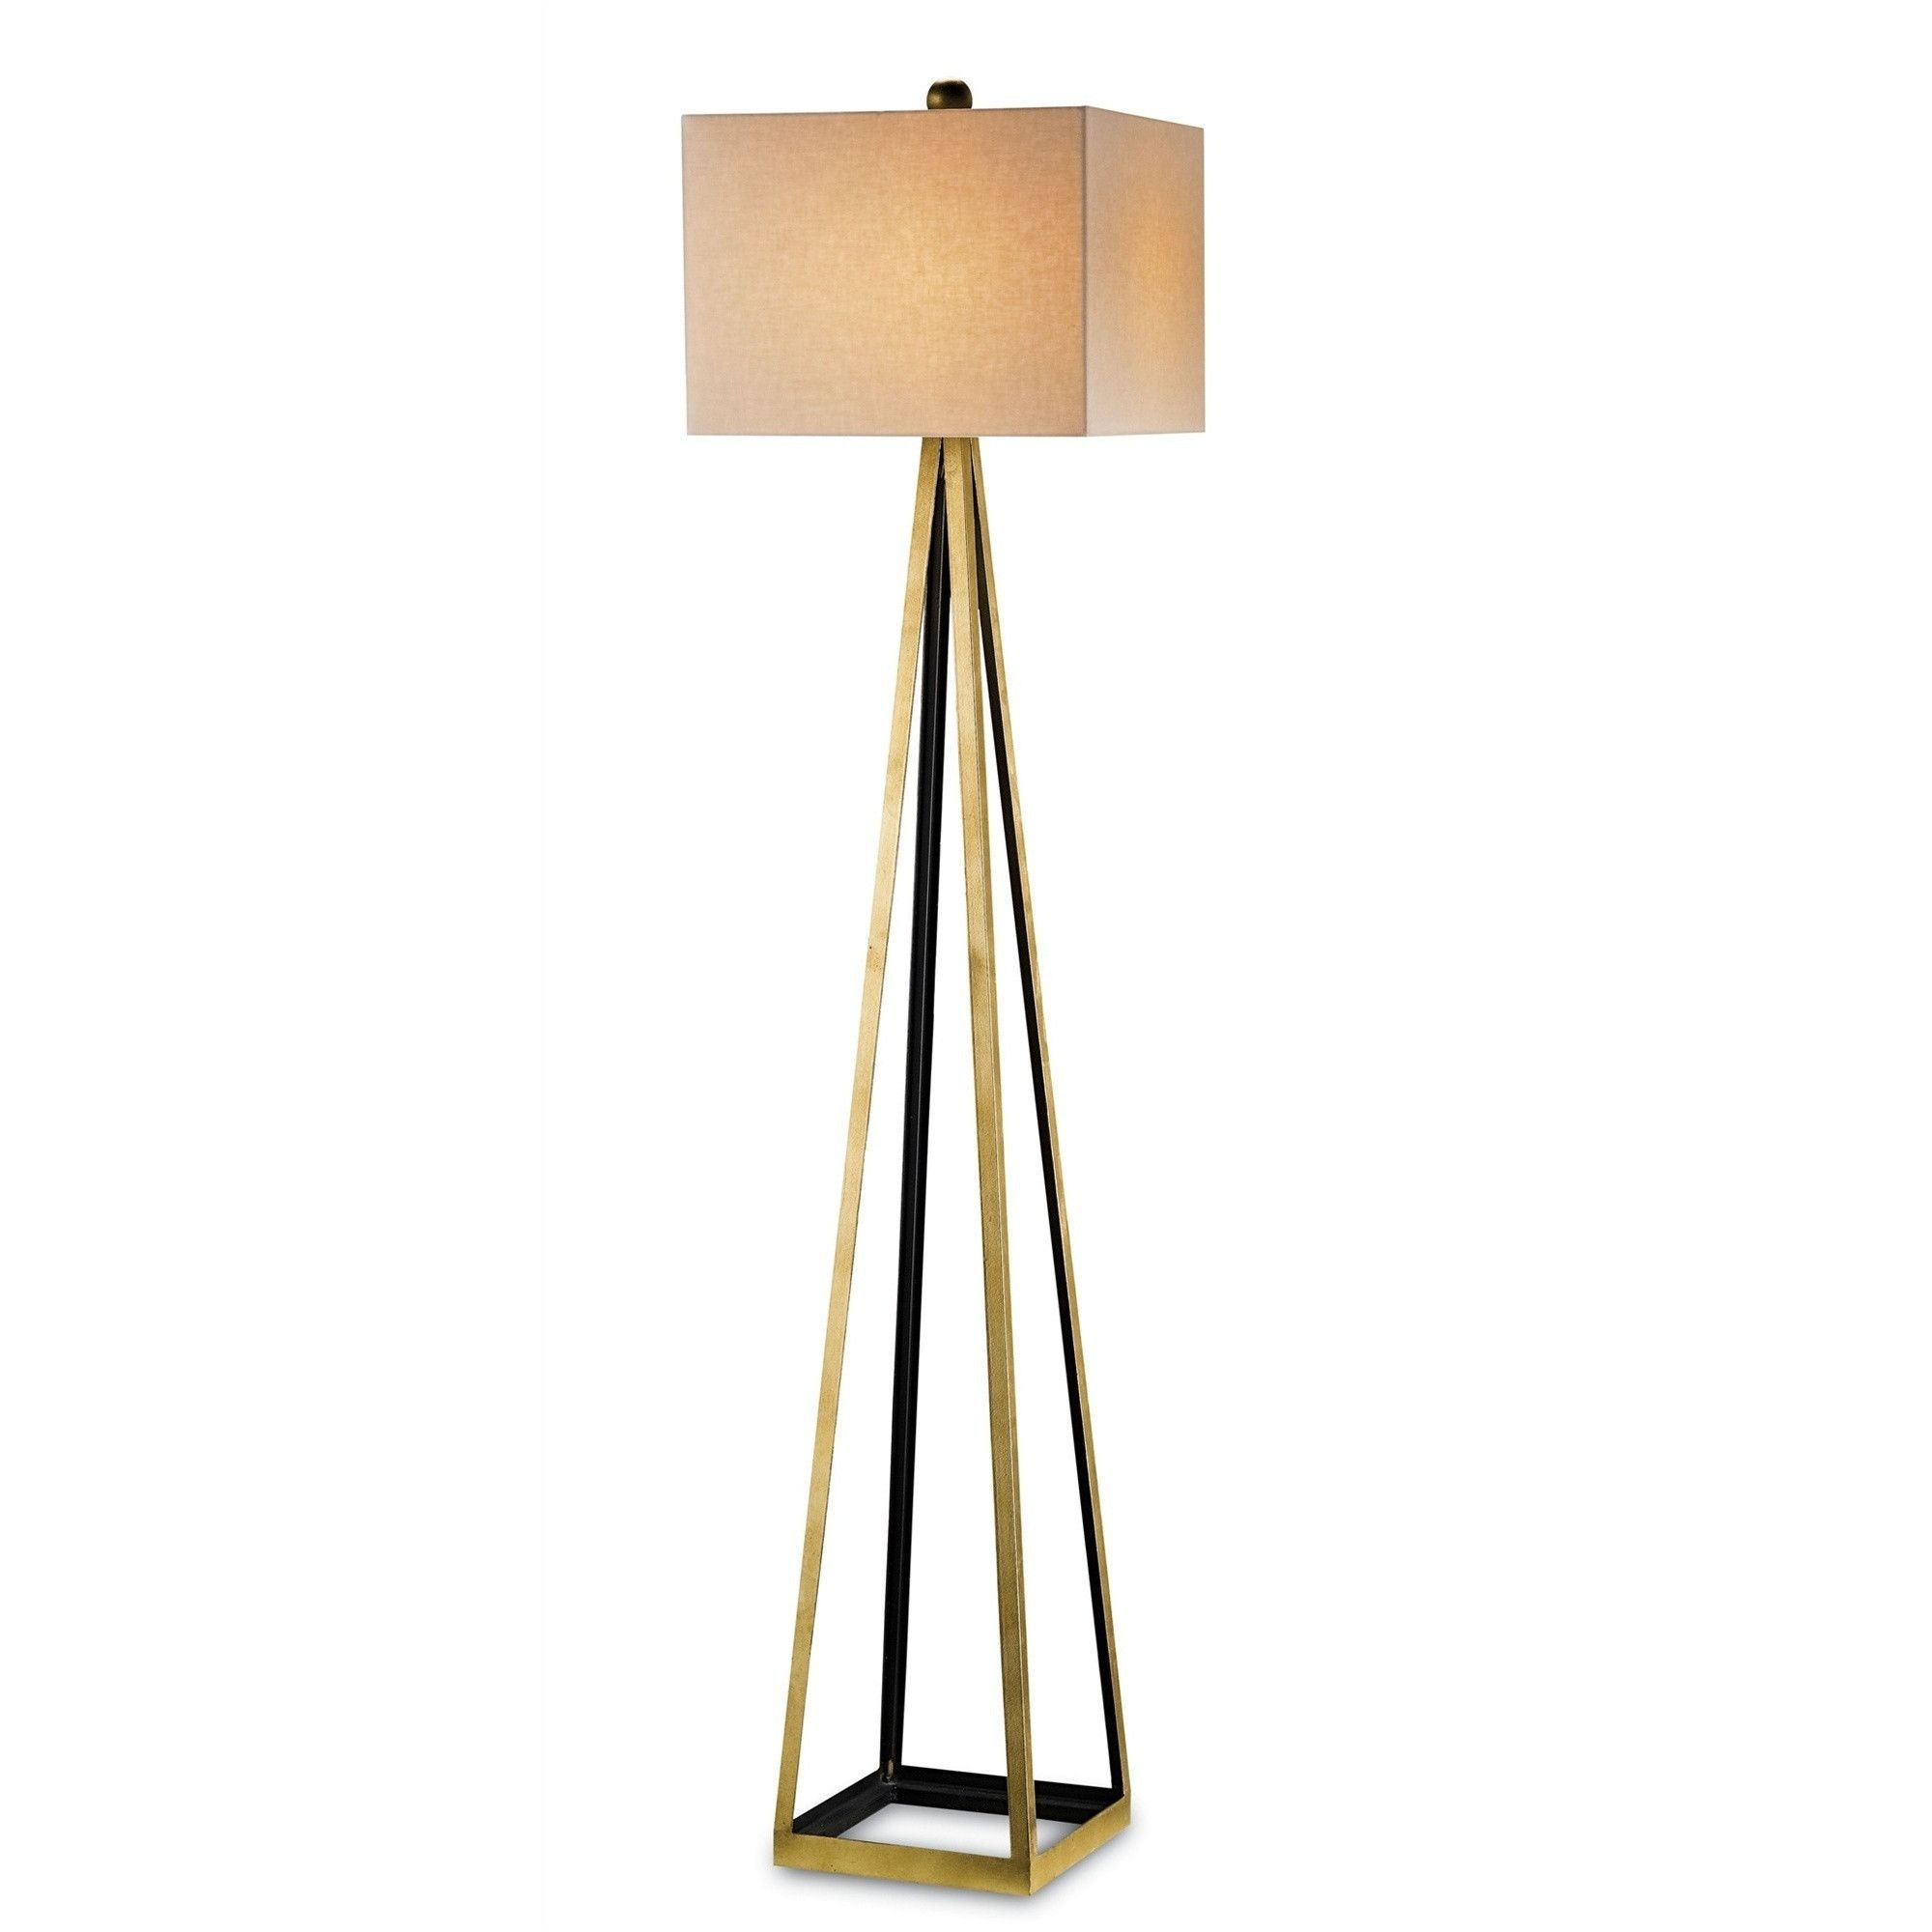 Bel Mondo Floor Lamp Gold Gold Floor Lamp Contemporary Floor Lamps Floor Lamp